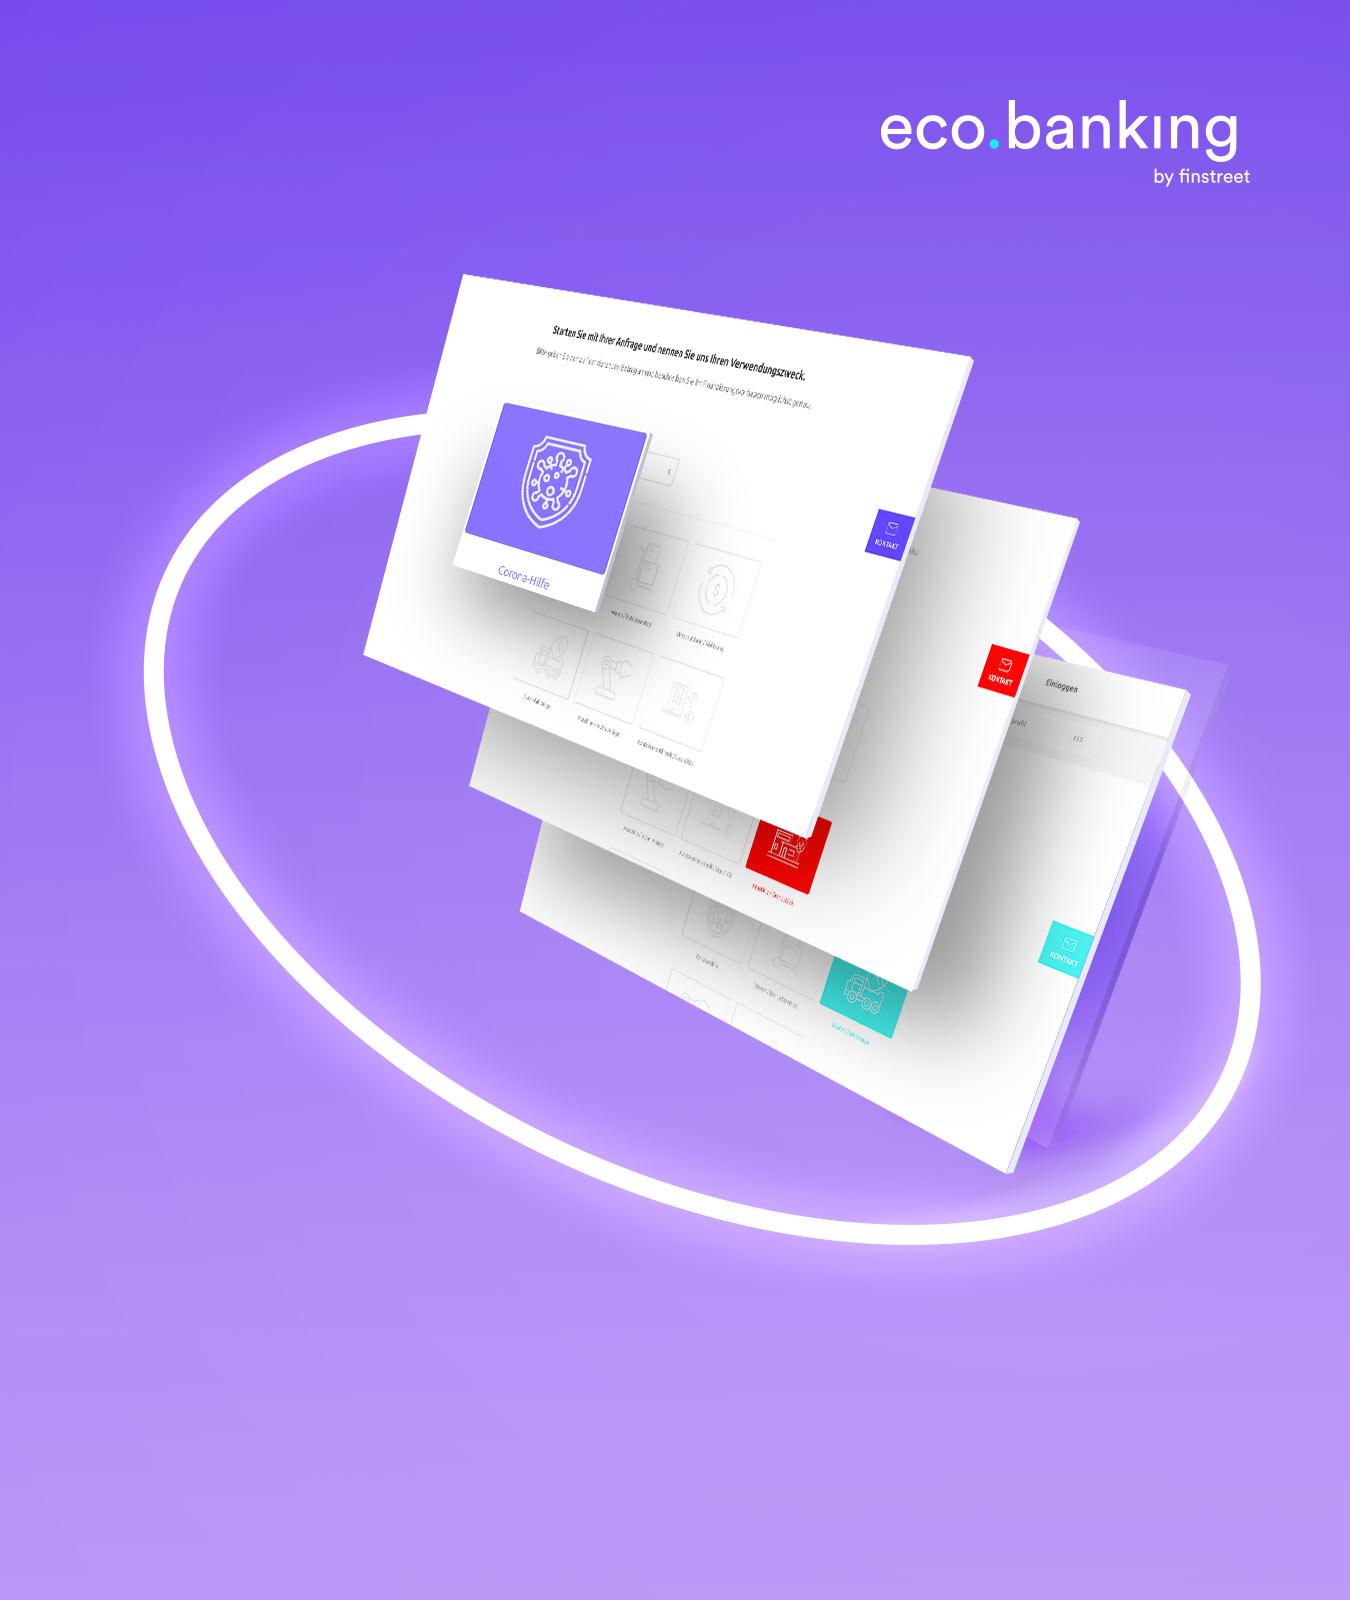 Um Screens der Anfragestrecke eco.banking by finstreet legt sich ein weißer, leuchtender Kreis auf lilafarbenem Hintergrund